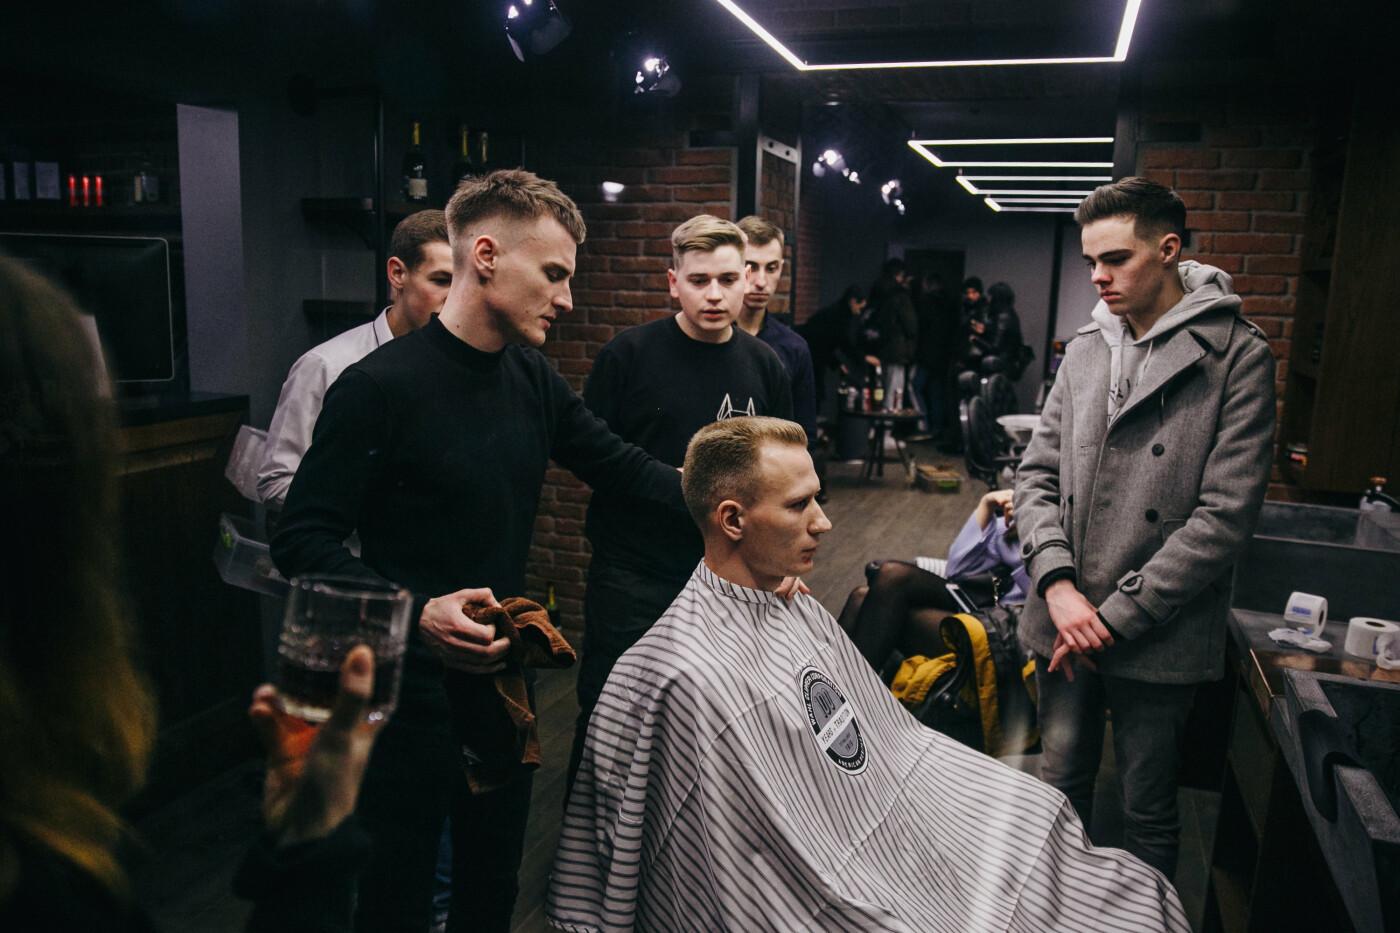 """В Тернополі відкрився новий барбершоп всеукраїнської мережі """"GC Barbershop"""": діють новорічні знижки, фото-2"""